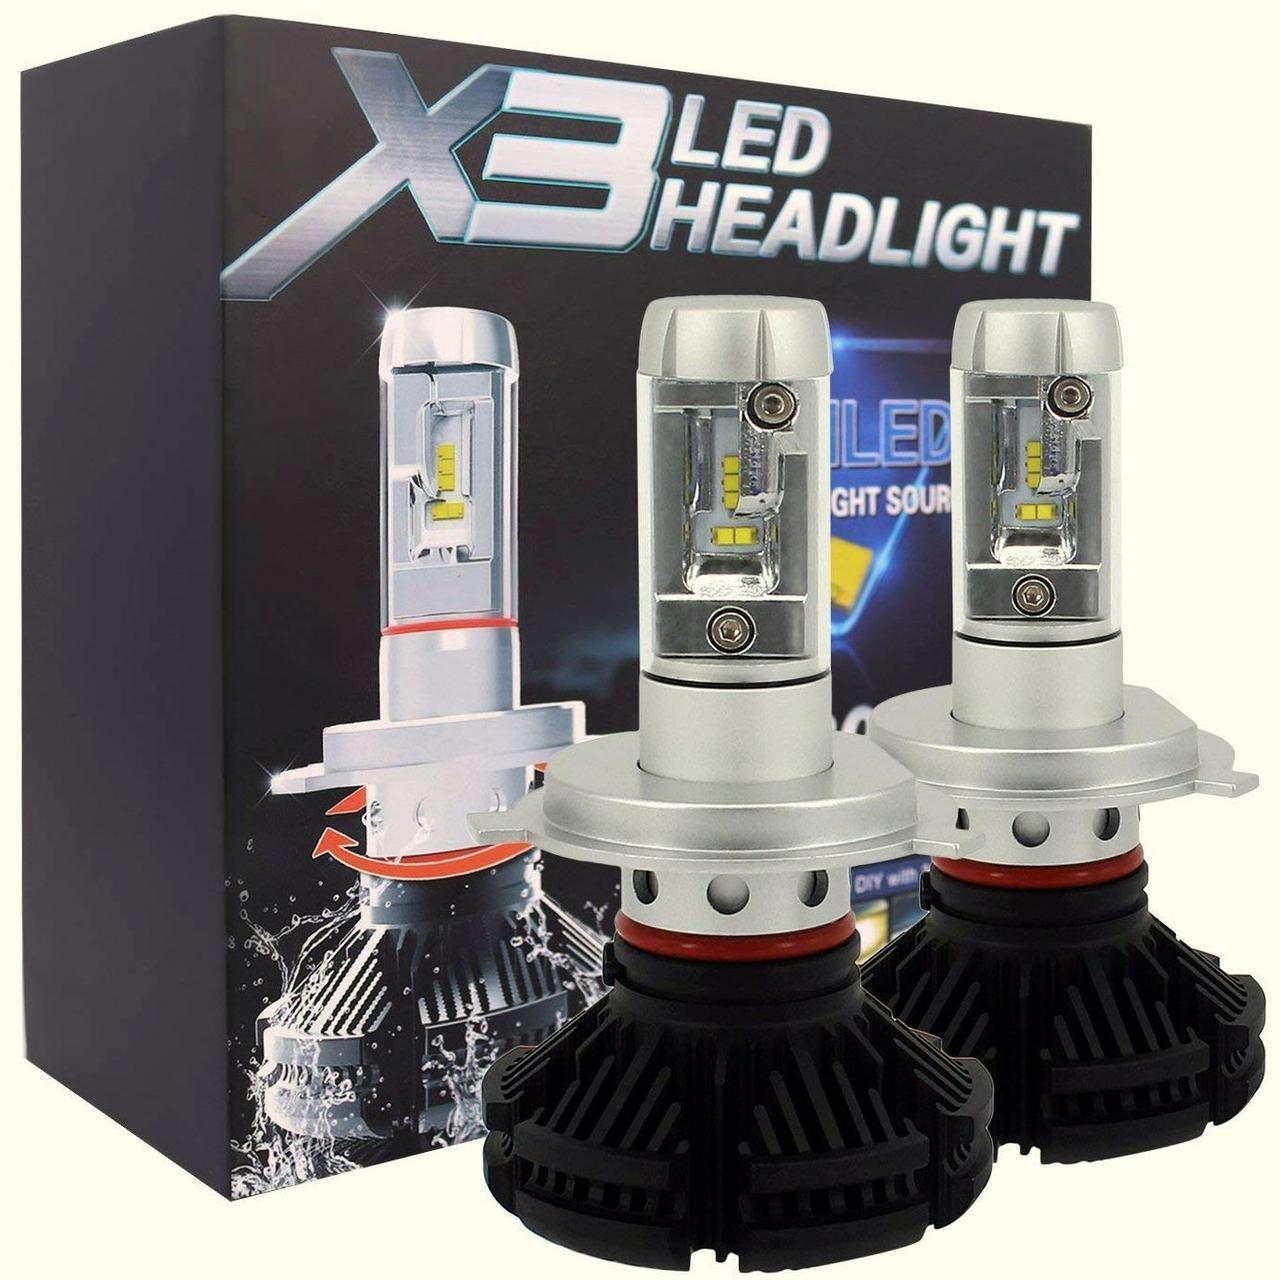 Лампа светодиодная X3  H4 6000 Lum, цвет свечения 3000/6500/8000К, 2 шт/компл.